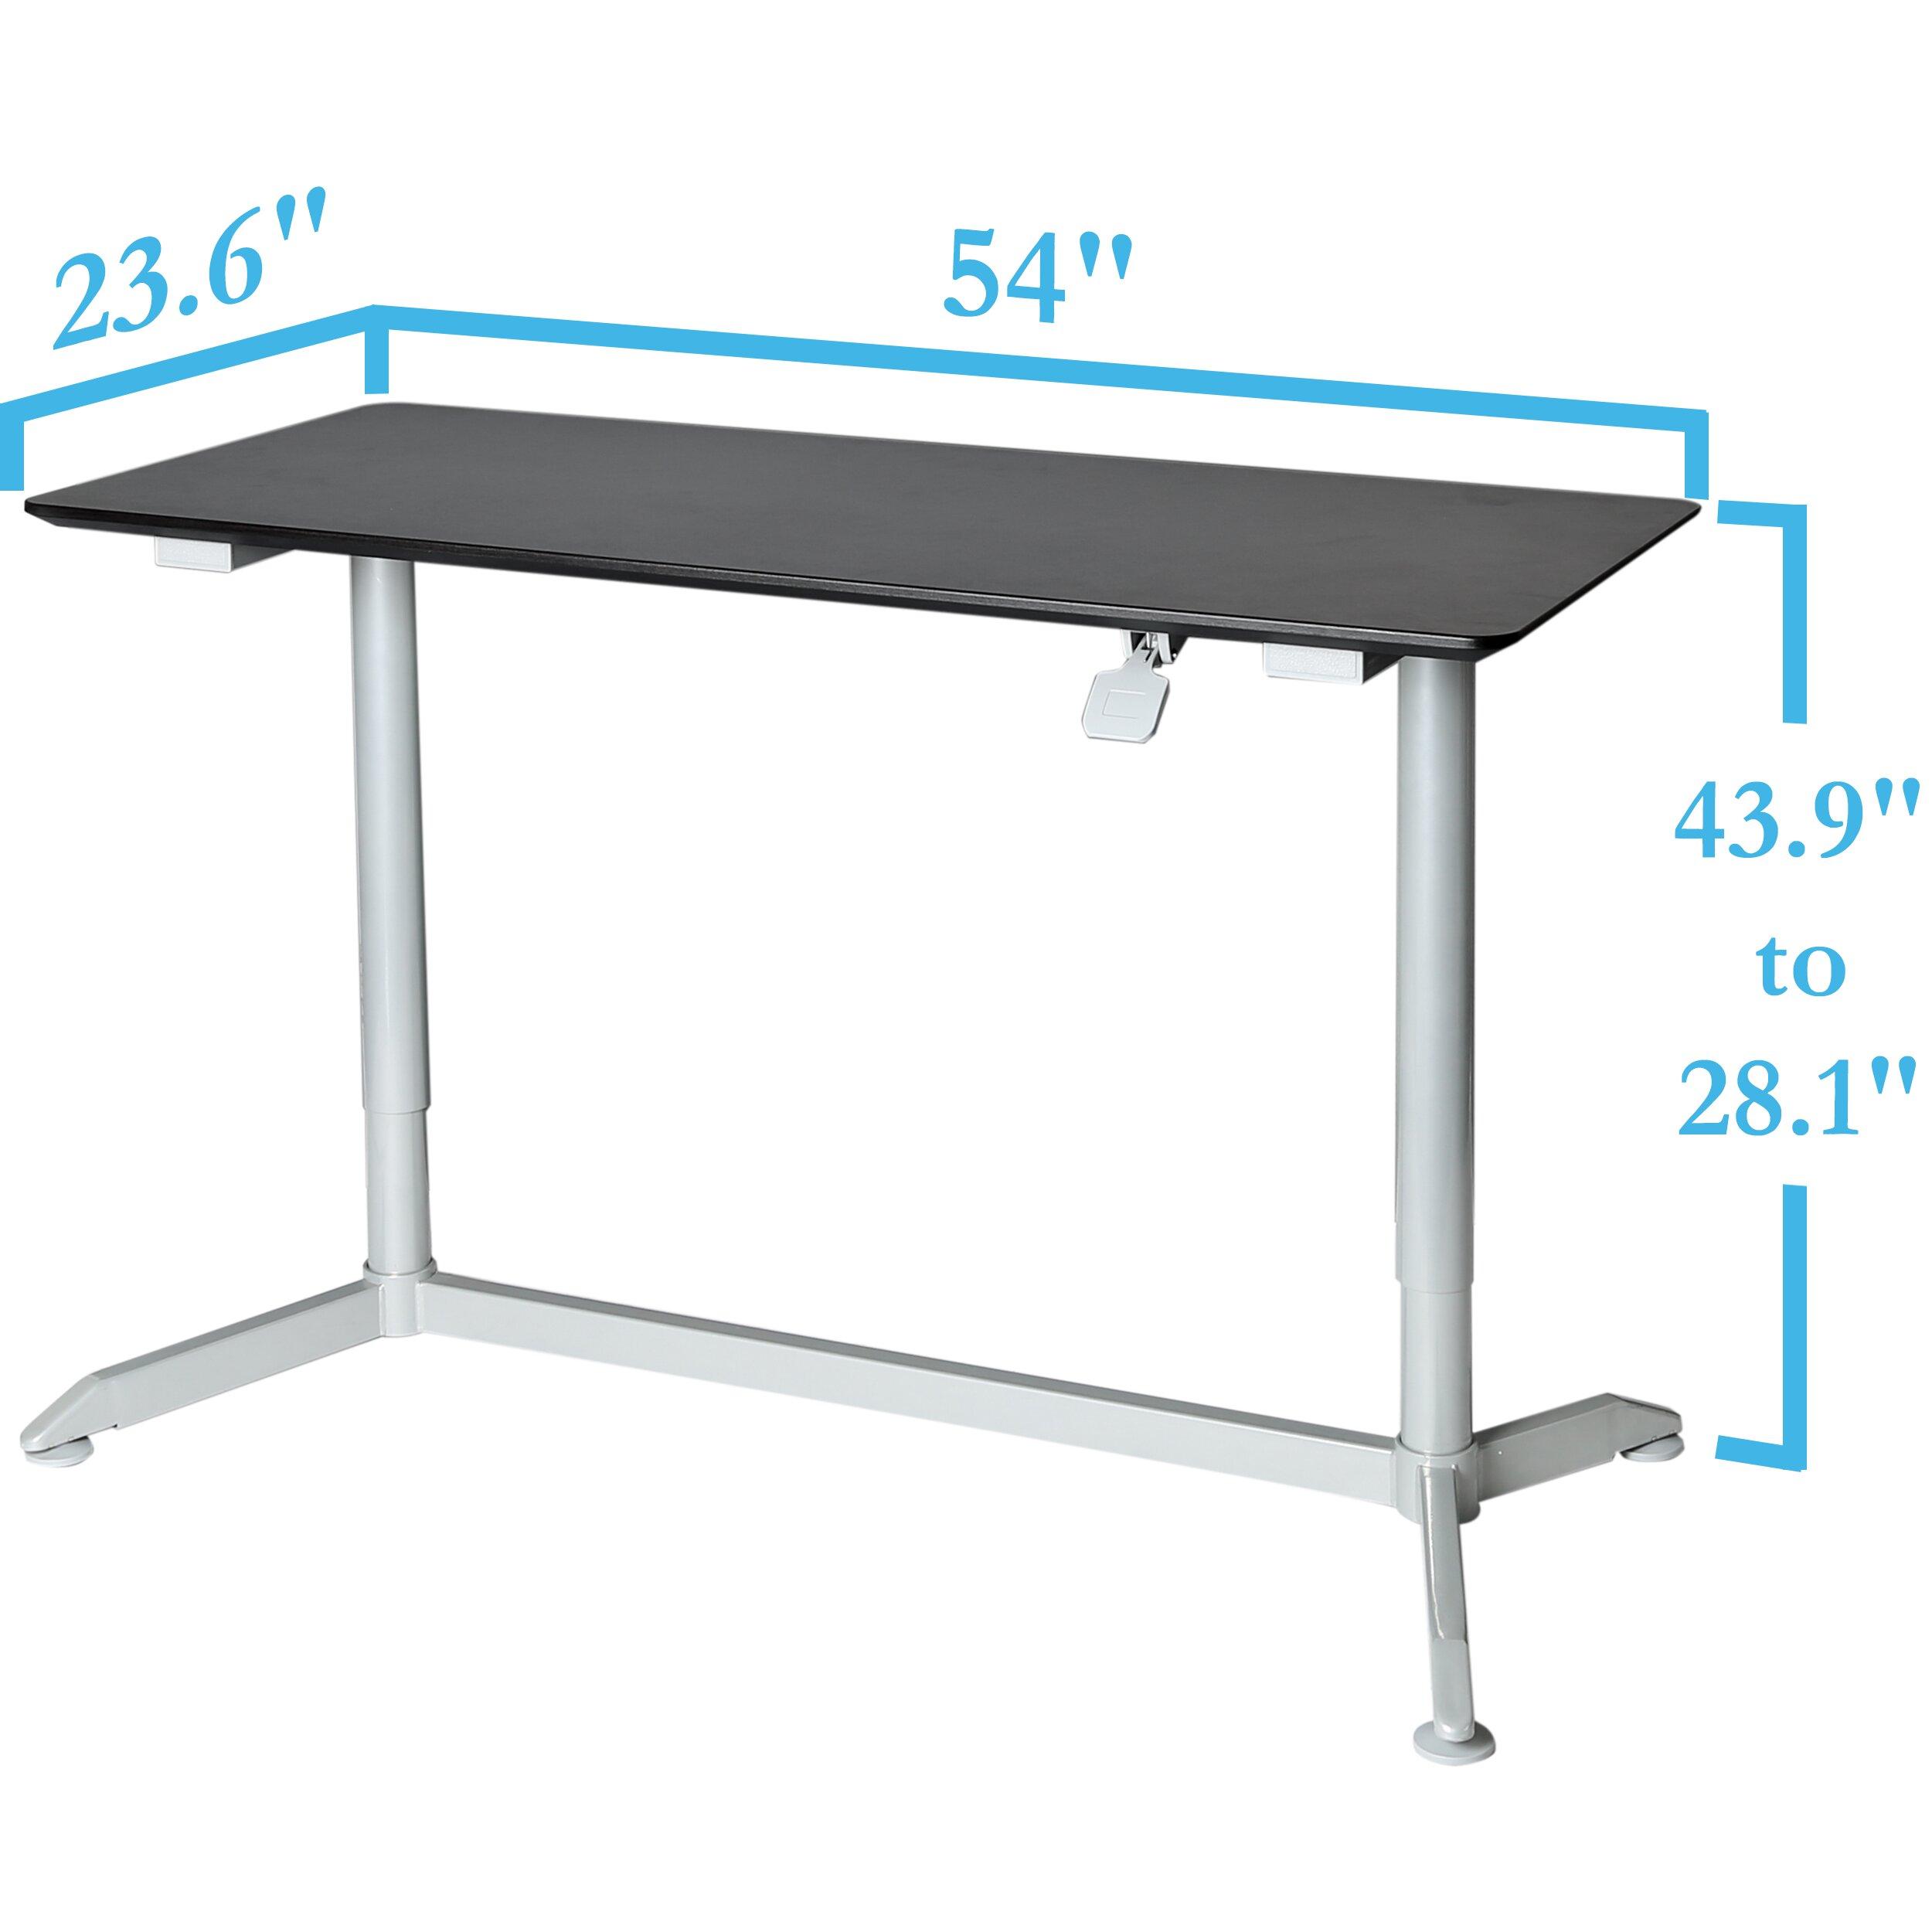 60x60 cm 6mm Panneau de contreplaqu/é d/ébit/é /à 150cm en longueur panneaux multiplex